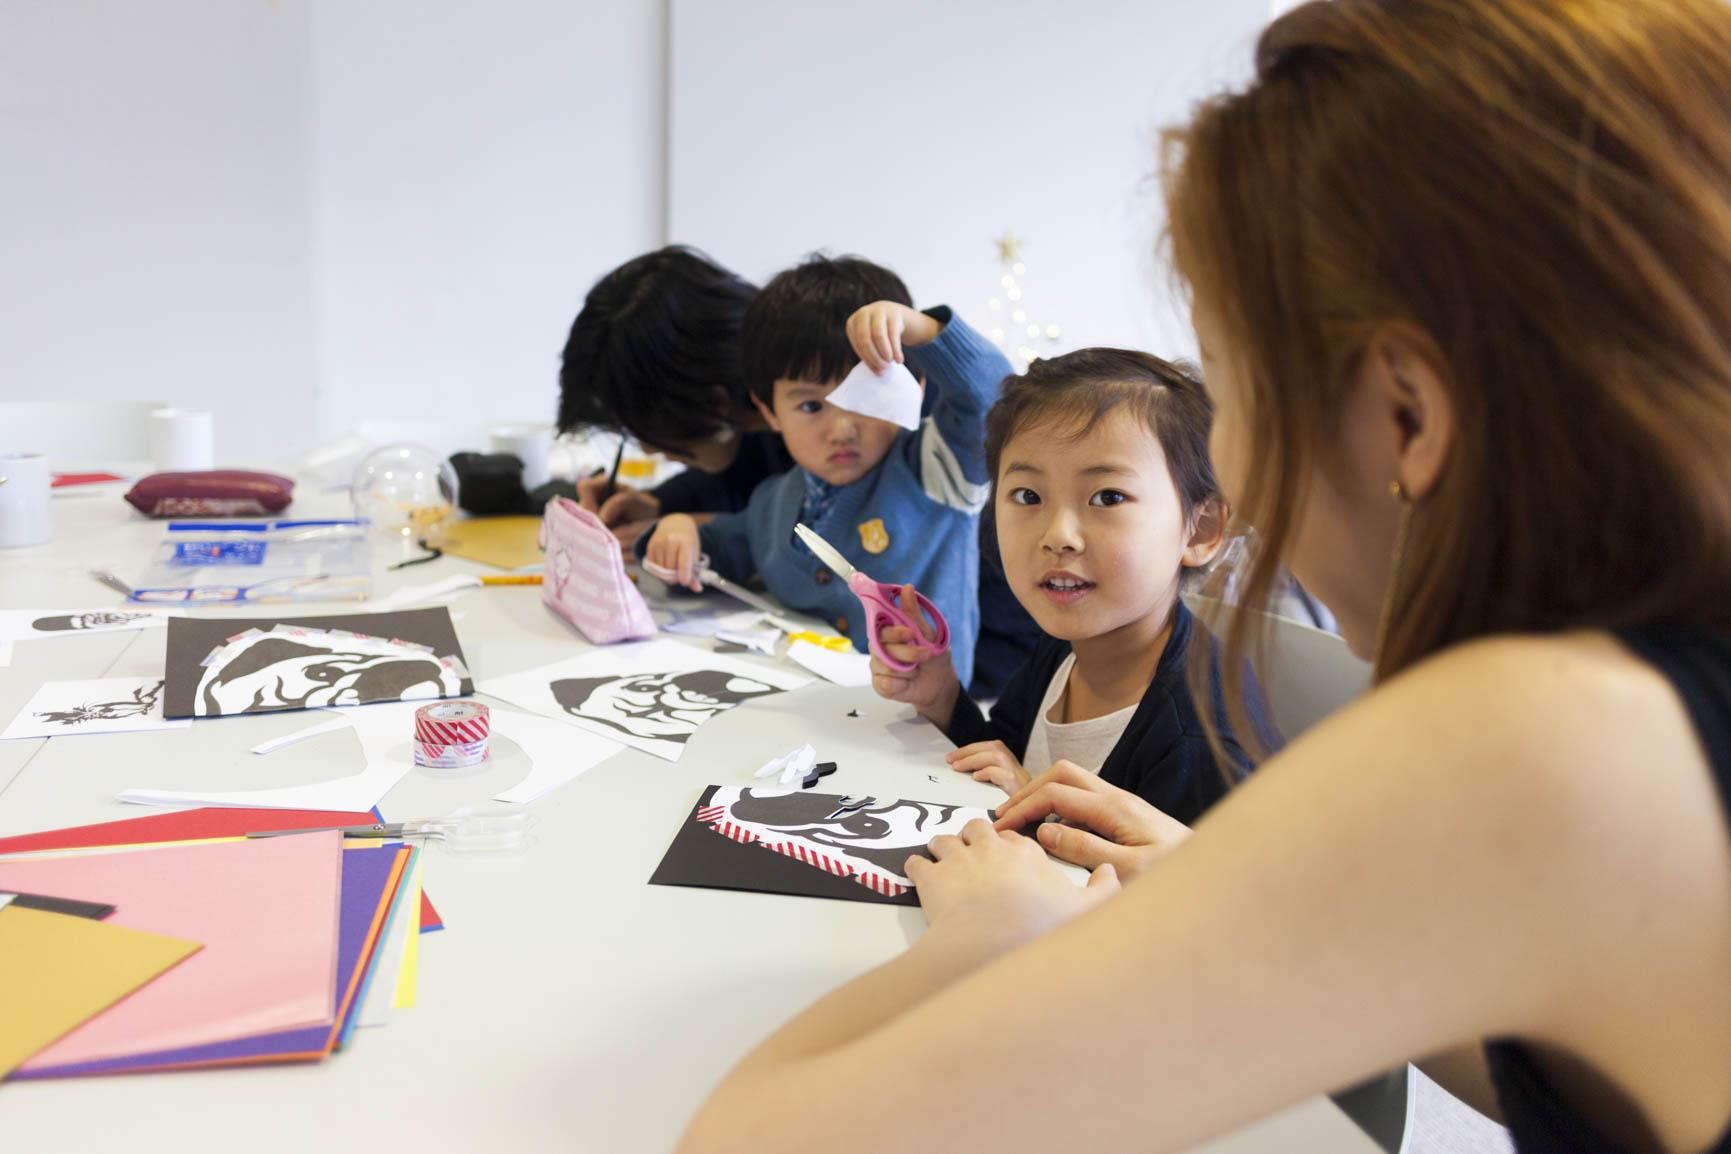 Paper Cut Workshop London